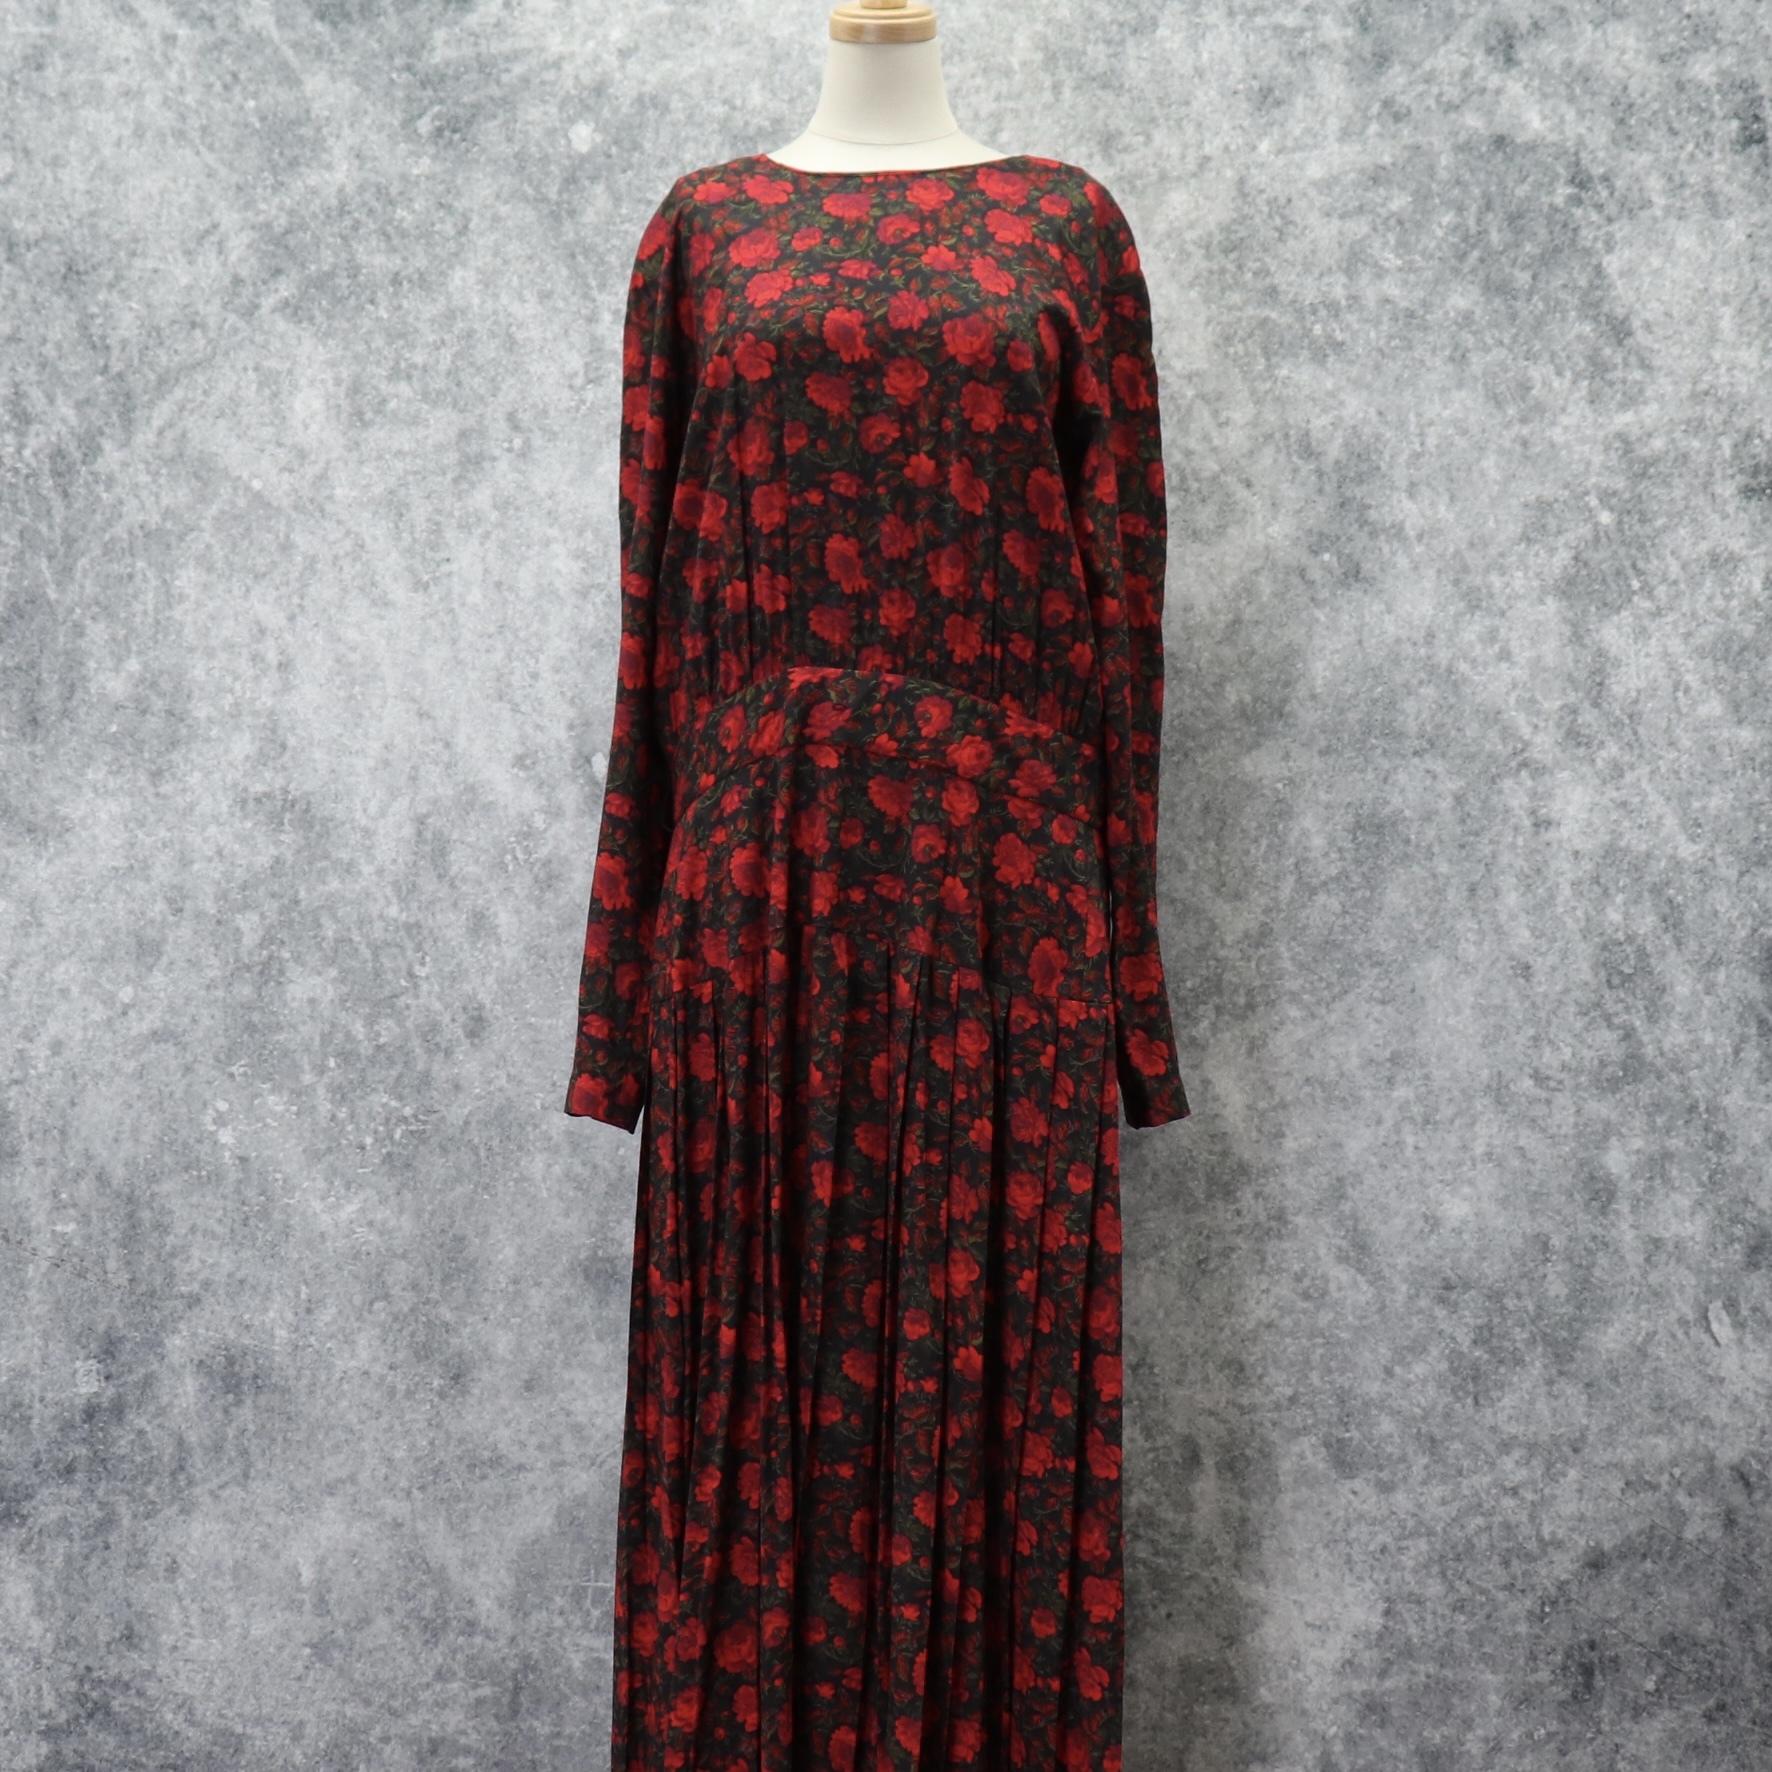 アメリカ 80年代 ヴィンテージ 古着 レーヨン素材 ローズ柄 プリーツ ロング ワンピース USA 80's Vintage Rose Flower Prints Dress